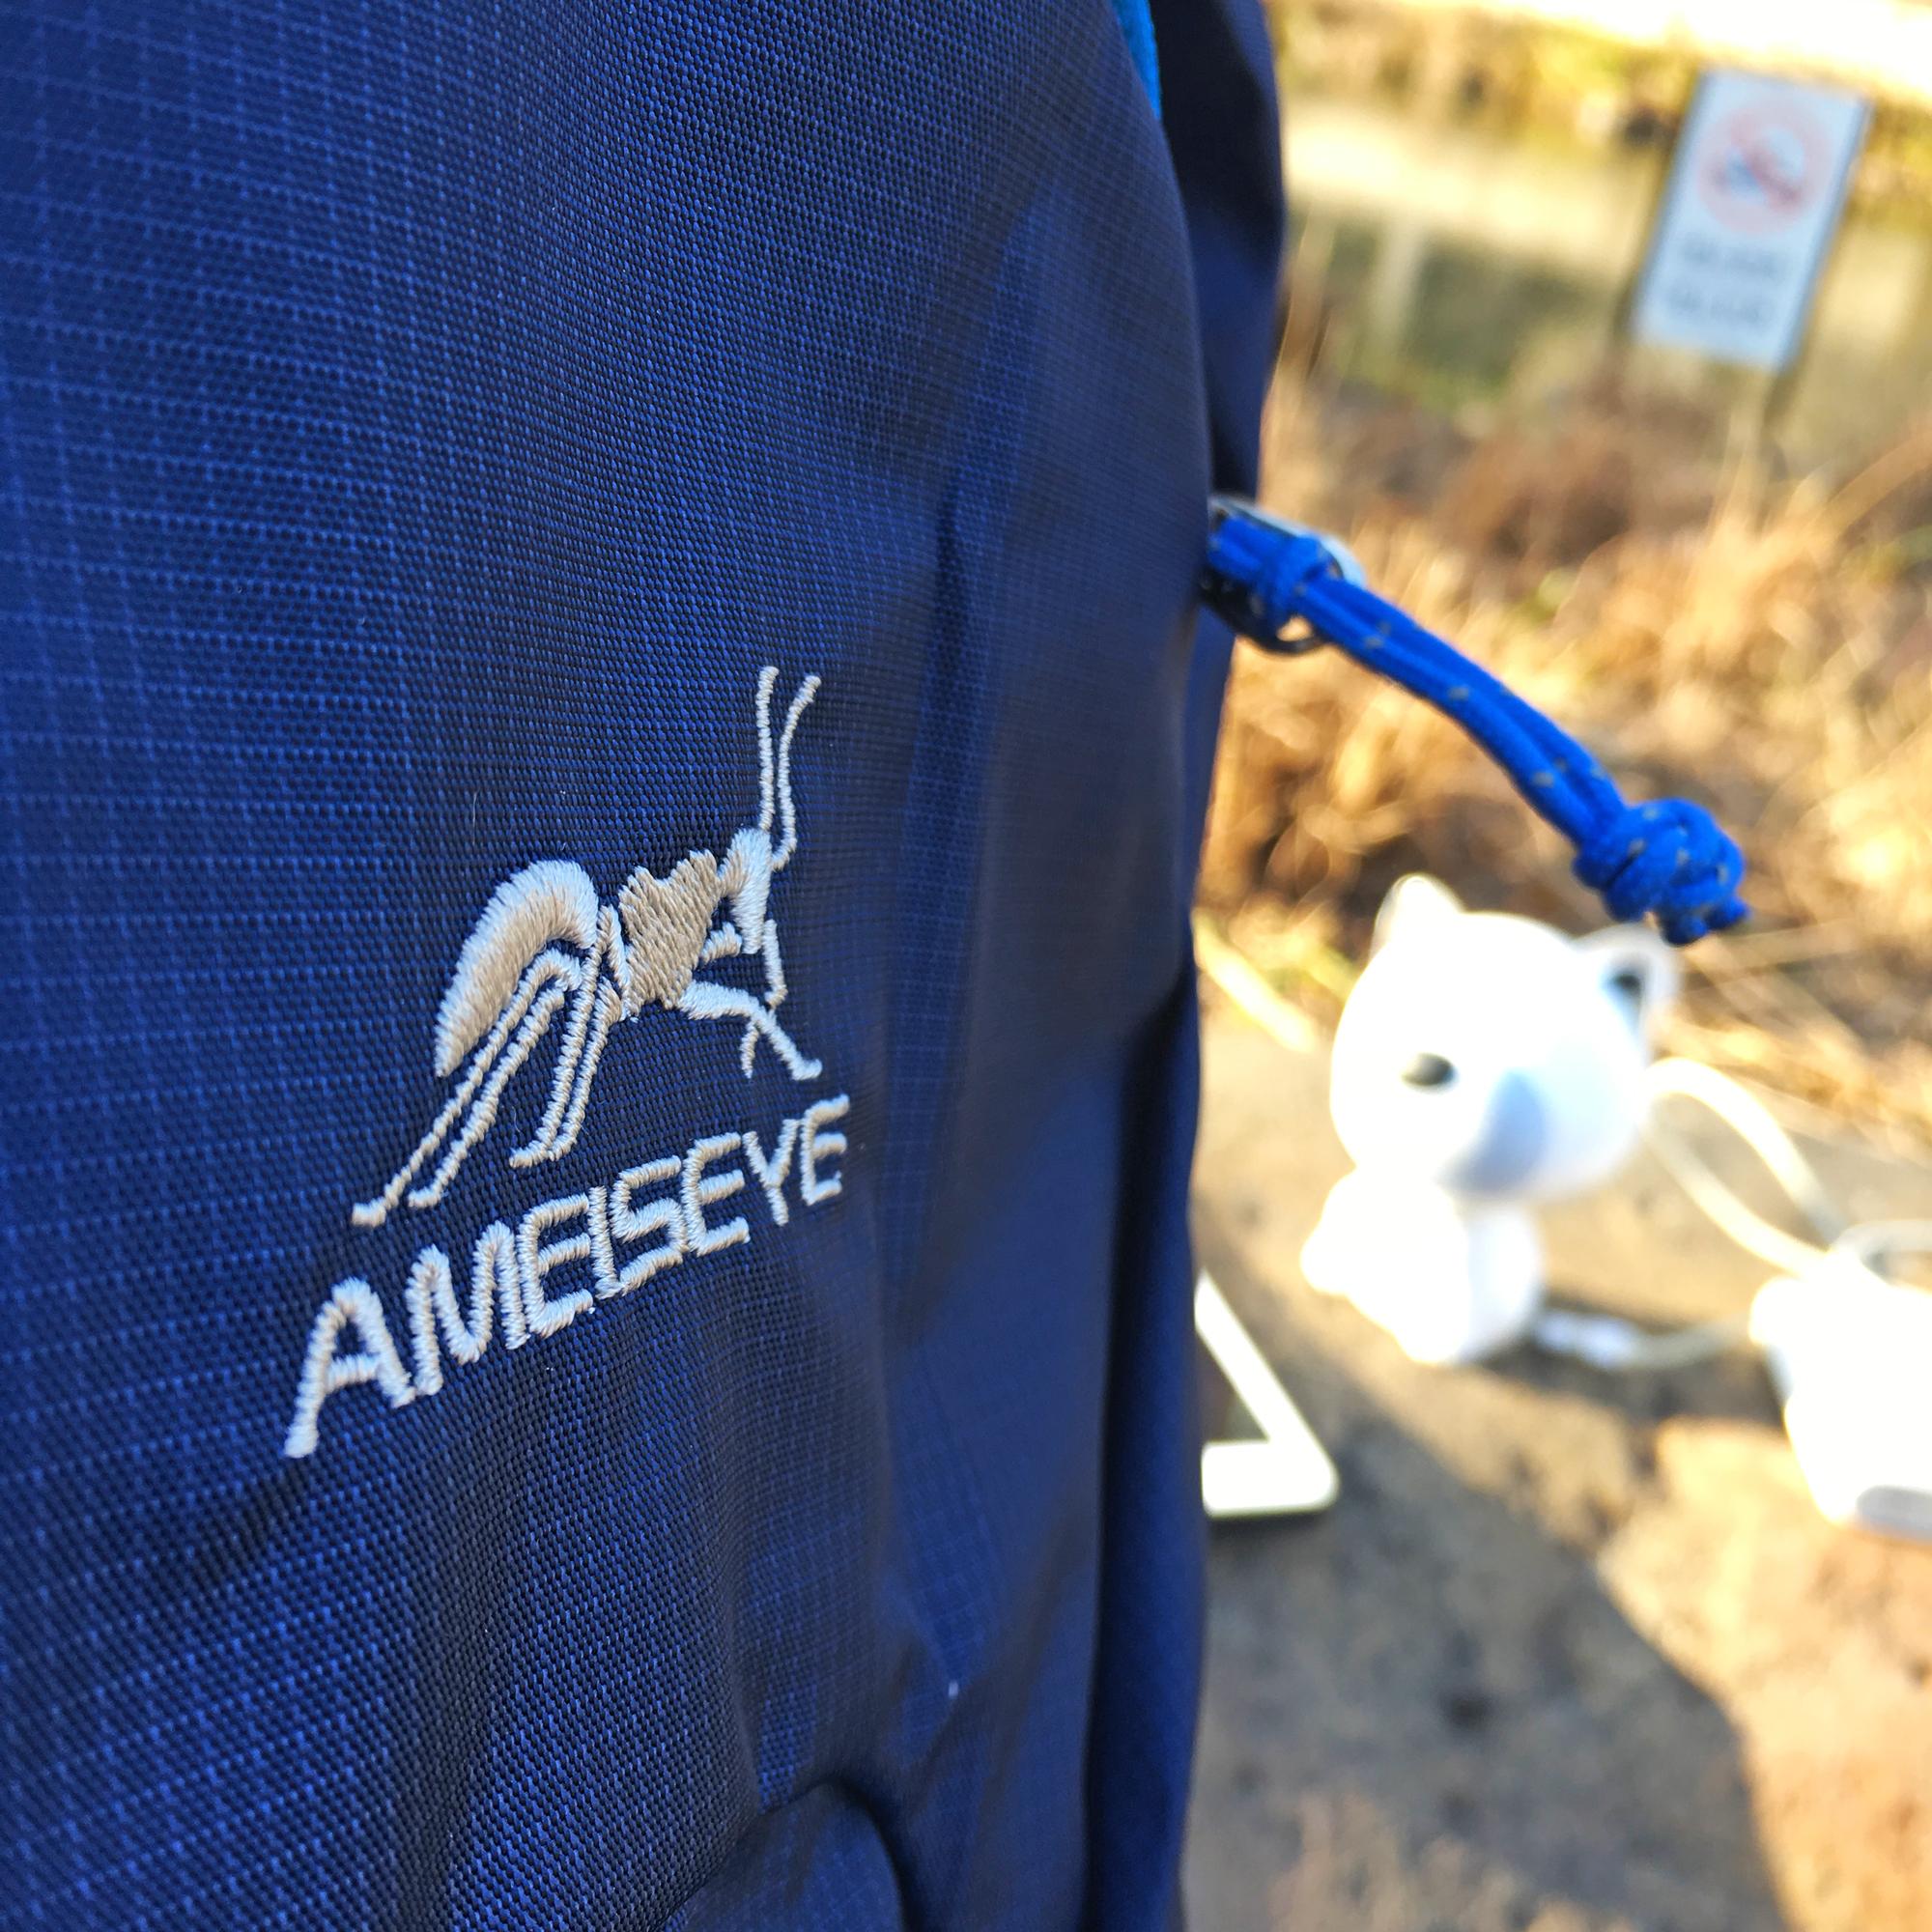 背负舒适,轻便出行——黄蚂蚁20L户外骑行徒步包体验